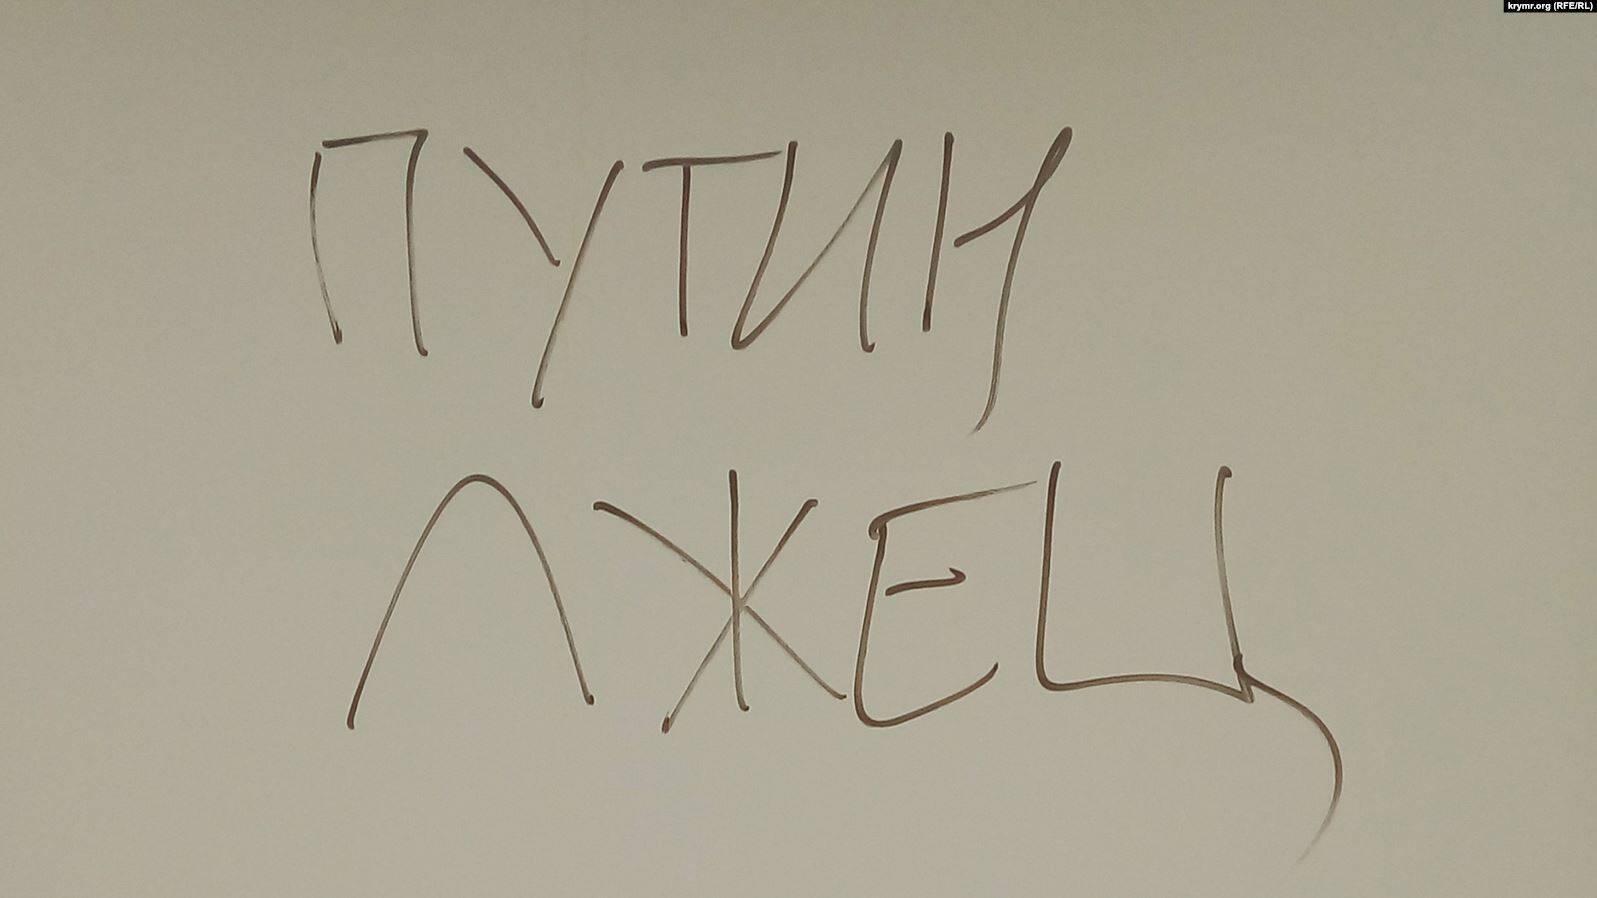 Новости Крымнаша. Москвичи от наших цен в шоке!